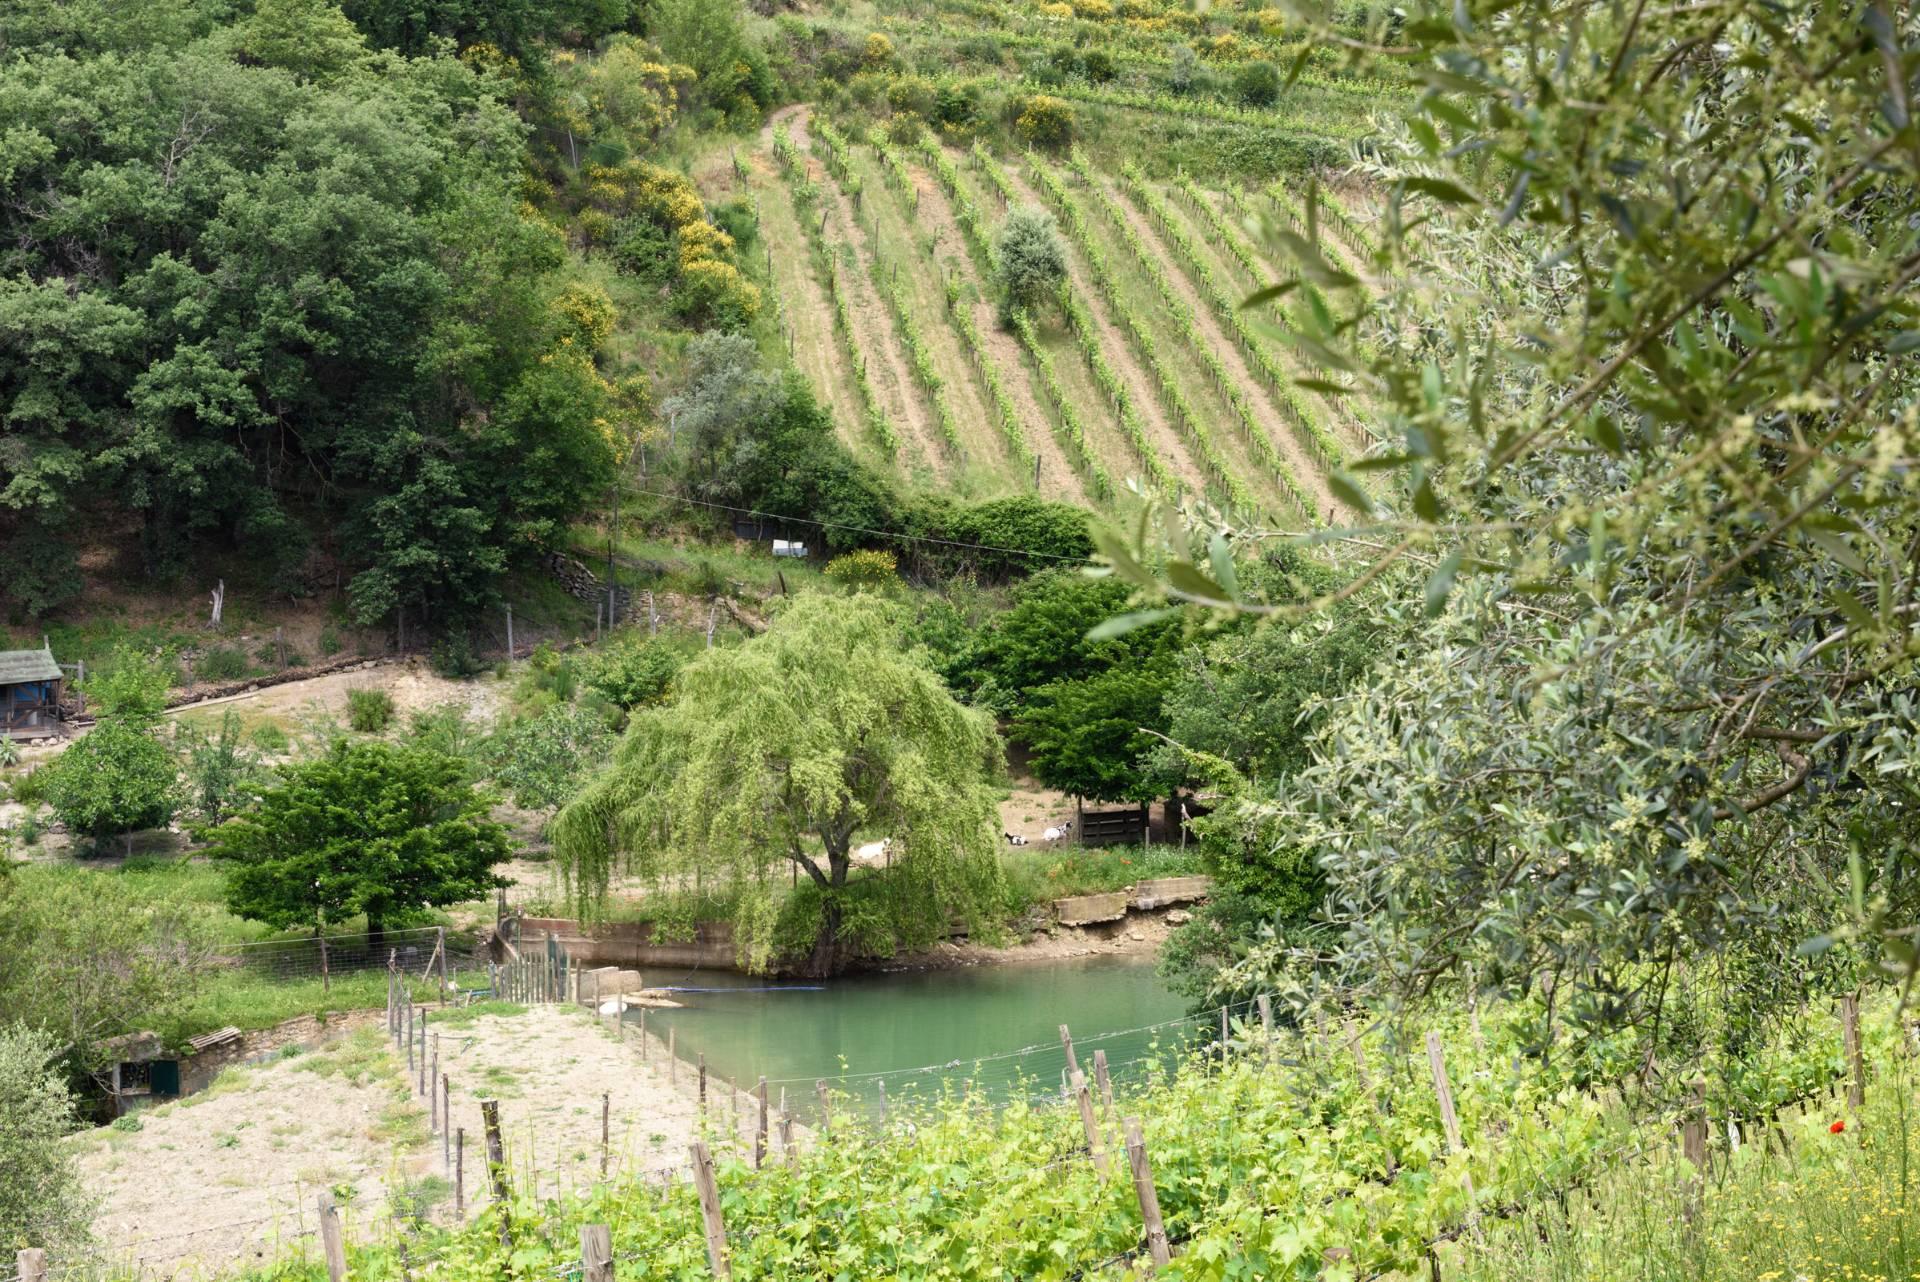 Rustico in Vendita a Gaiole In Chianti: 5 locali, 2170 mq - Foto 15